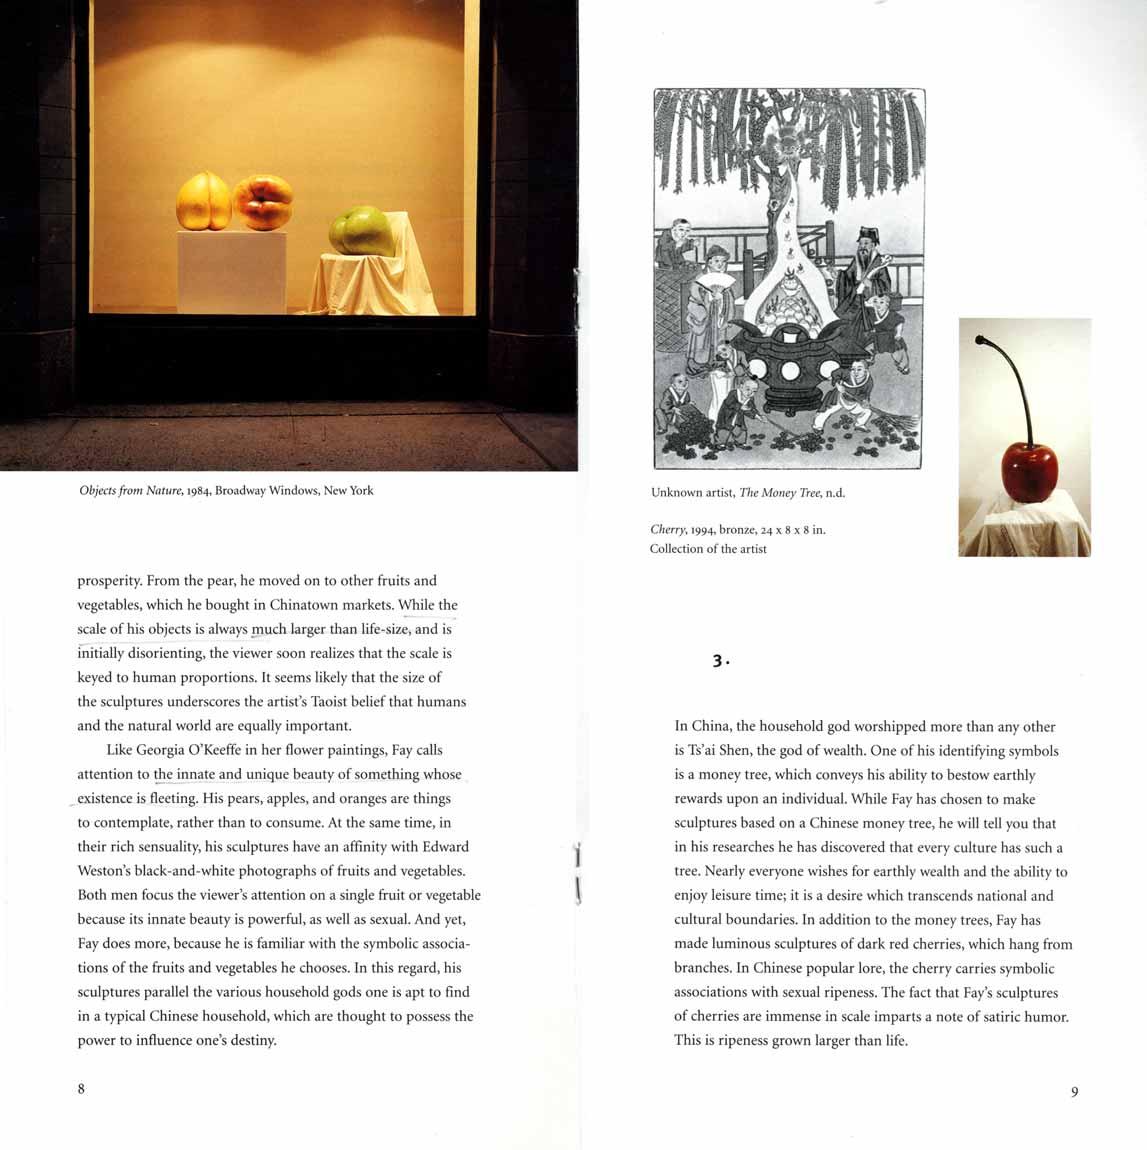 Garden of Qian, brochure, pg 6